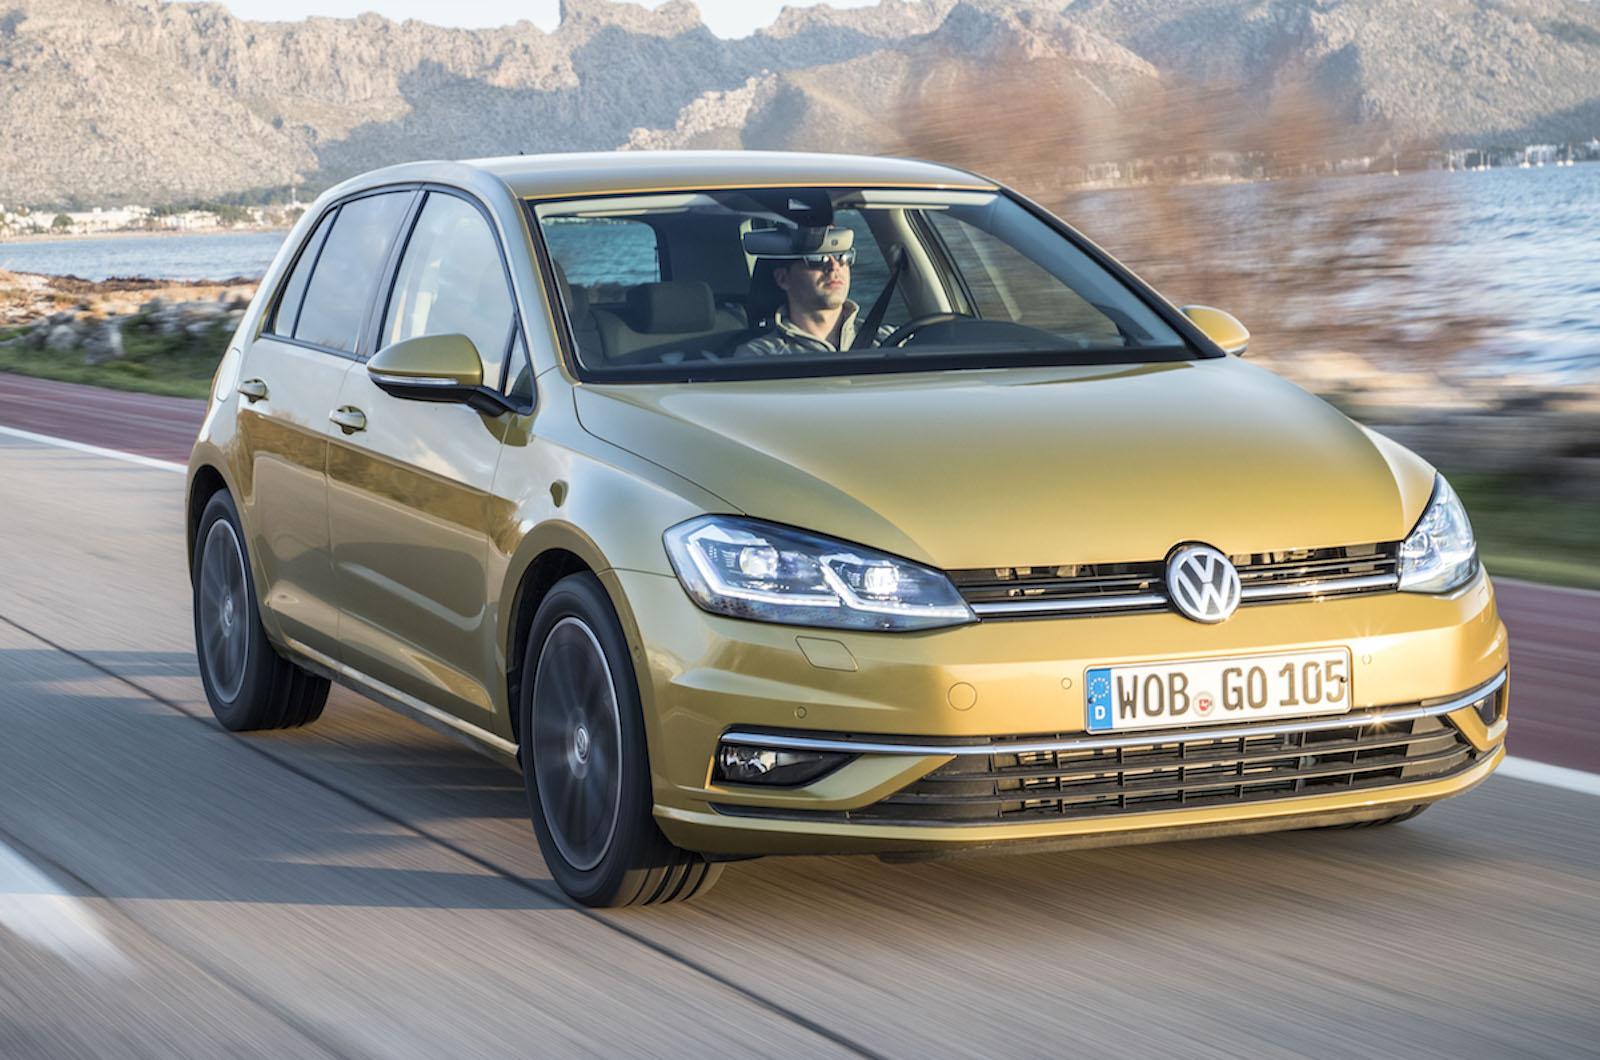 2017 Volkswagen Golf 1 5 Tsi Evo Review Autocar